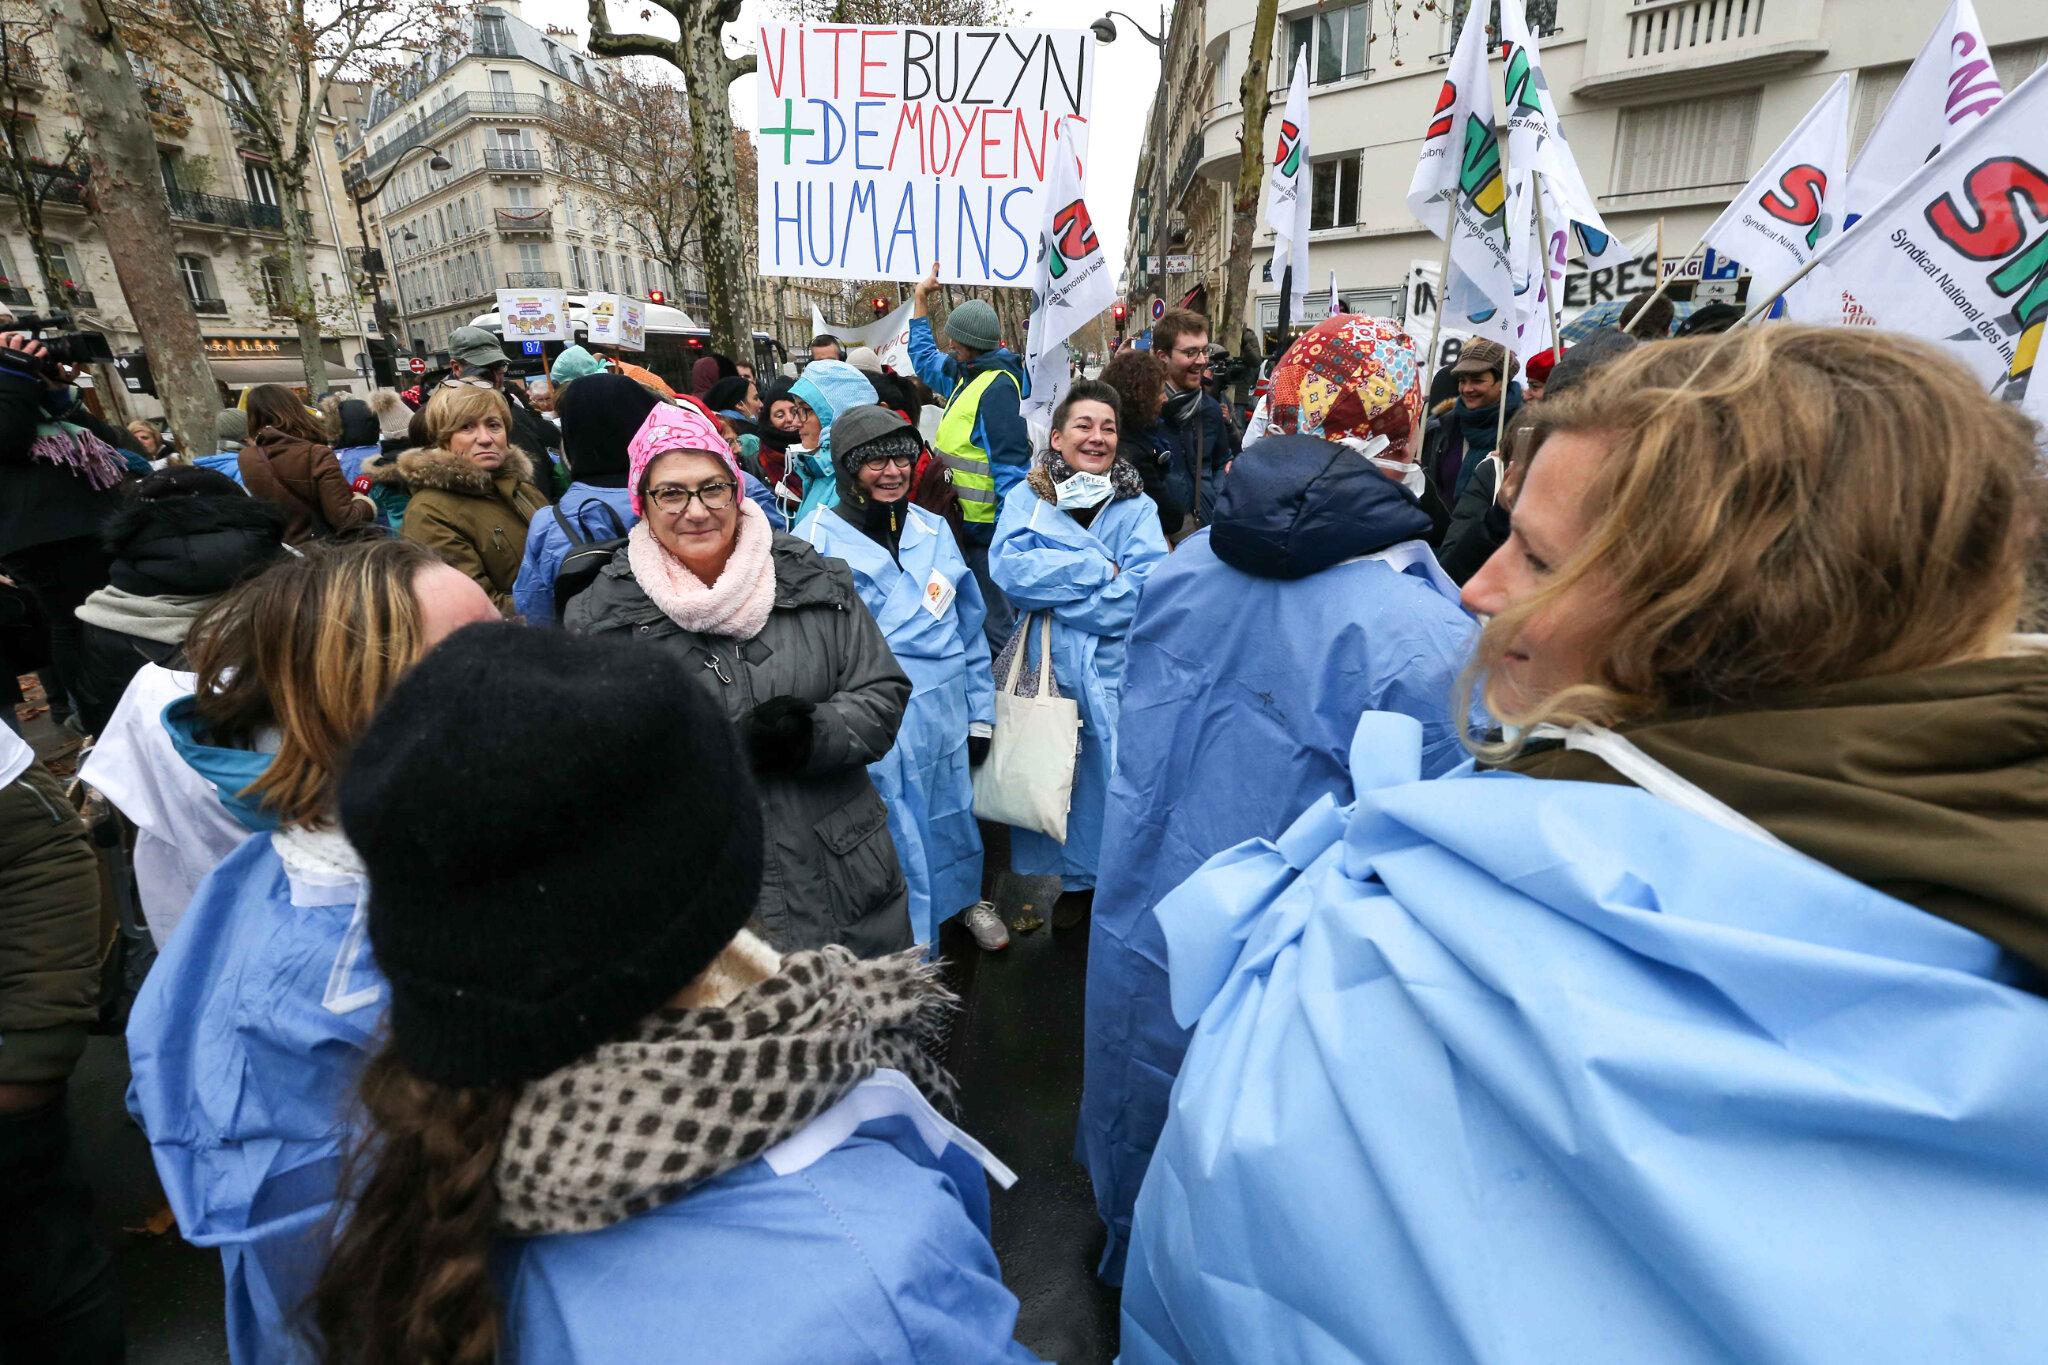 Les infirmiers en grève pour une meilleure reconnaissance. © Michel Stoupak. Mar 20.11.2018, 14h09m16.